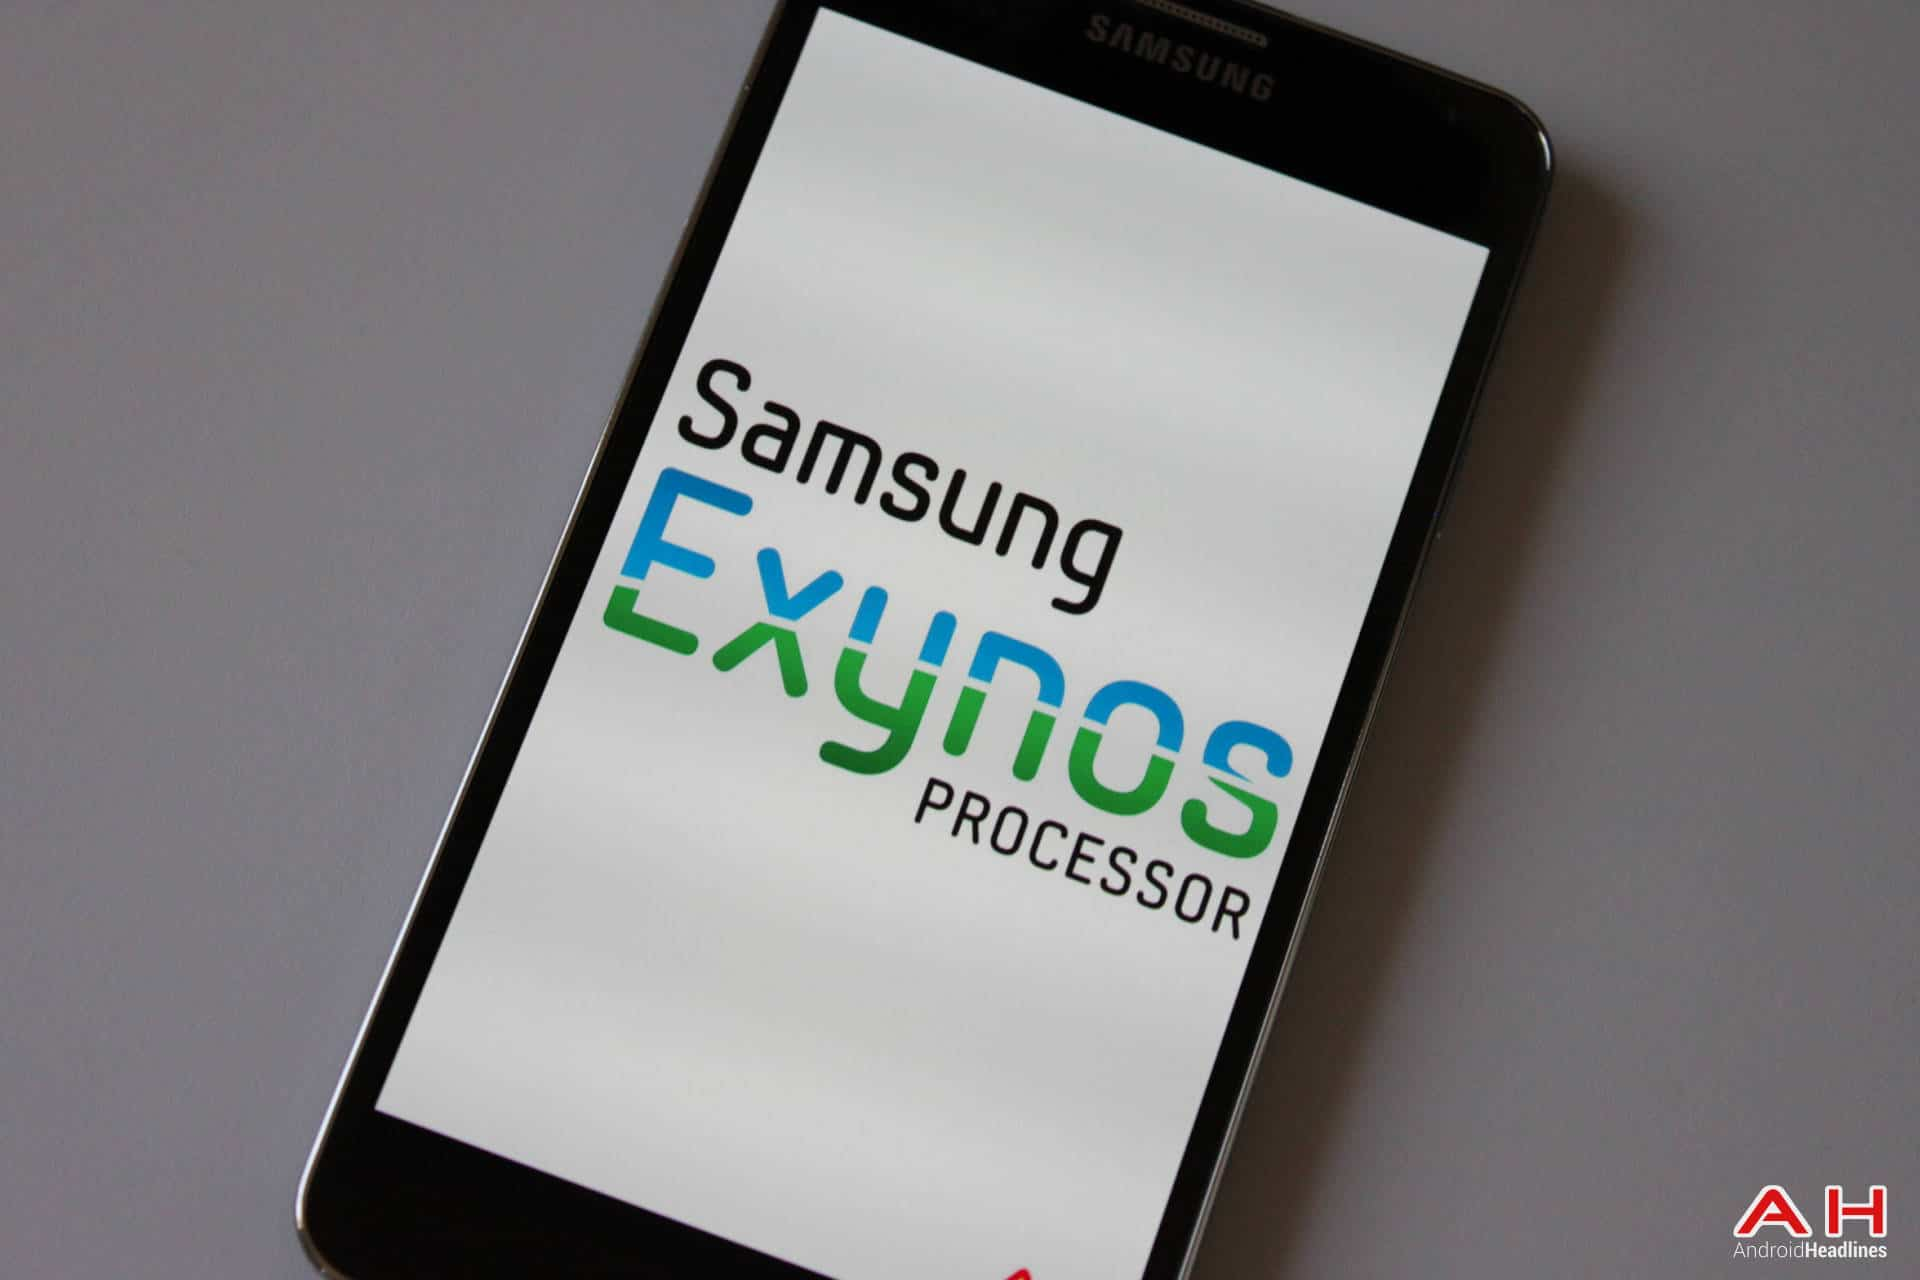 AH Samsung Exynos Logo 1.2